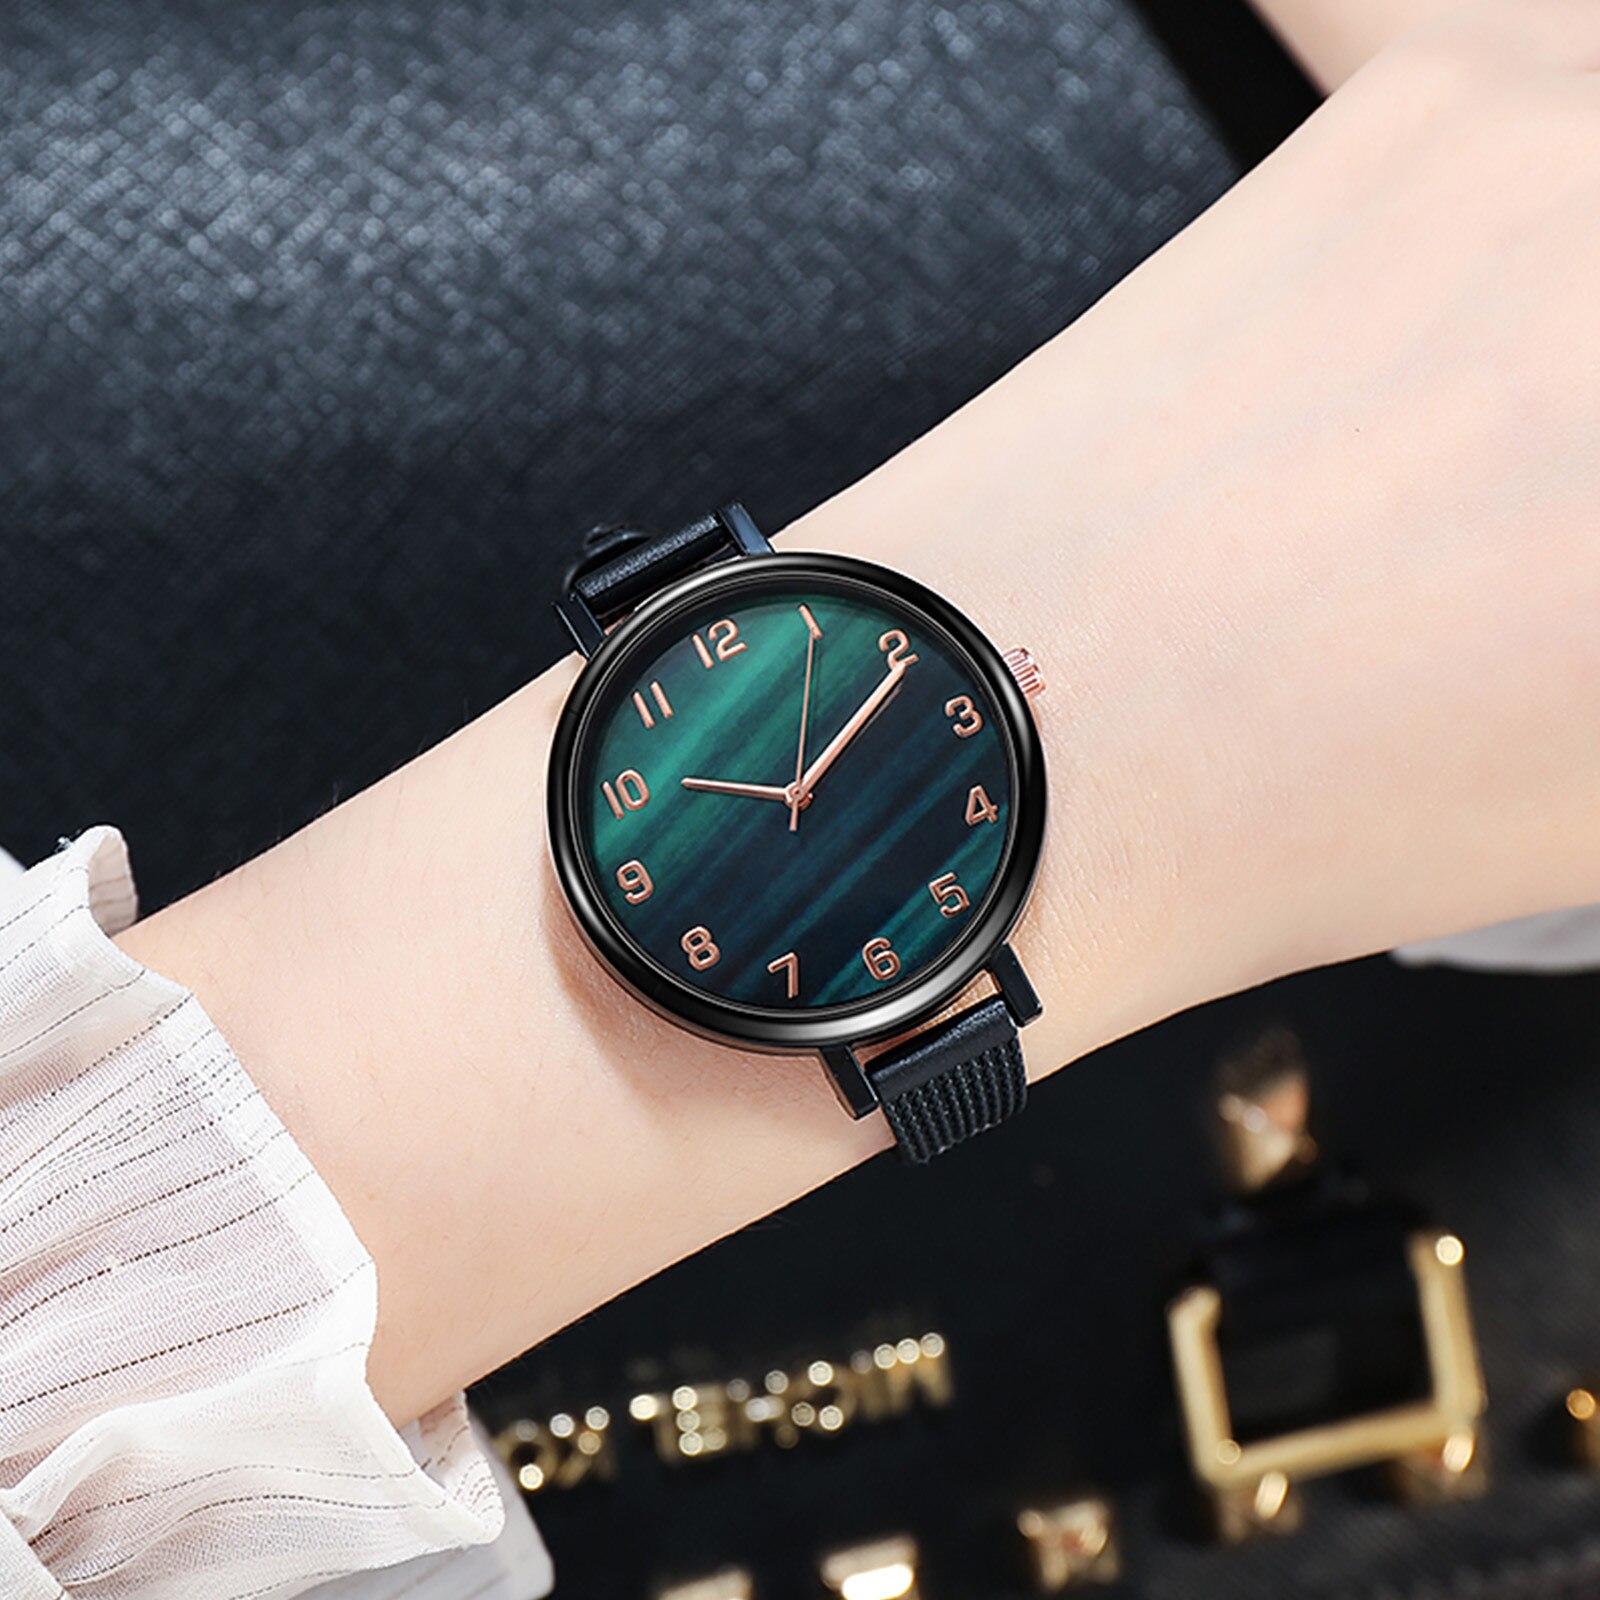 reloj mujer роскошь женские часы нержавеющая сталь кварц наручные часы 2020 большой элегантный повседневный женские часы баян кол саати